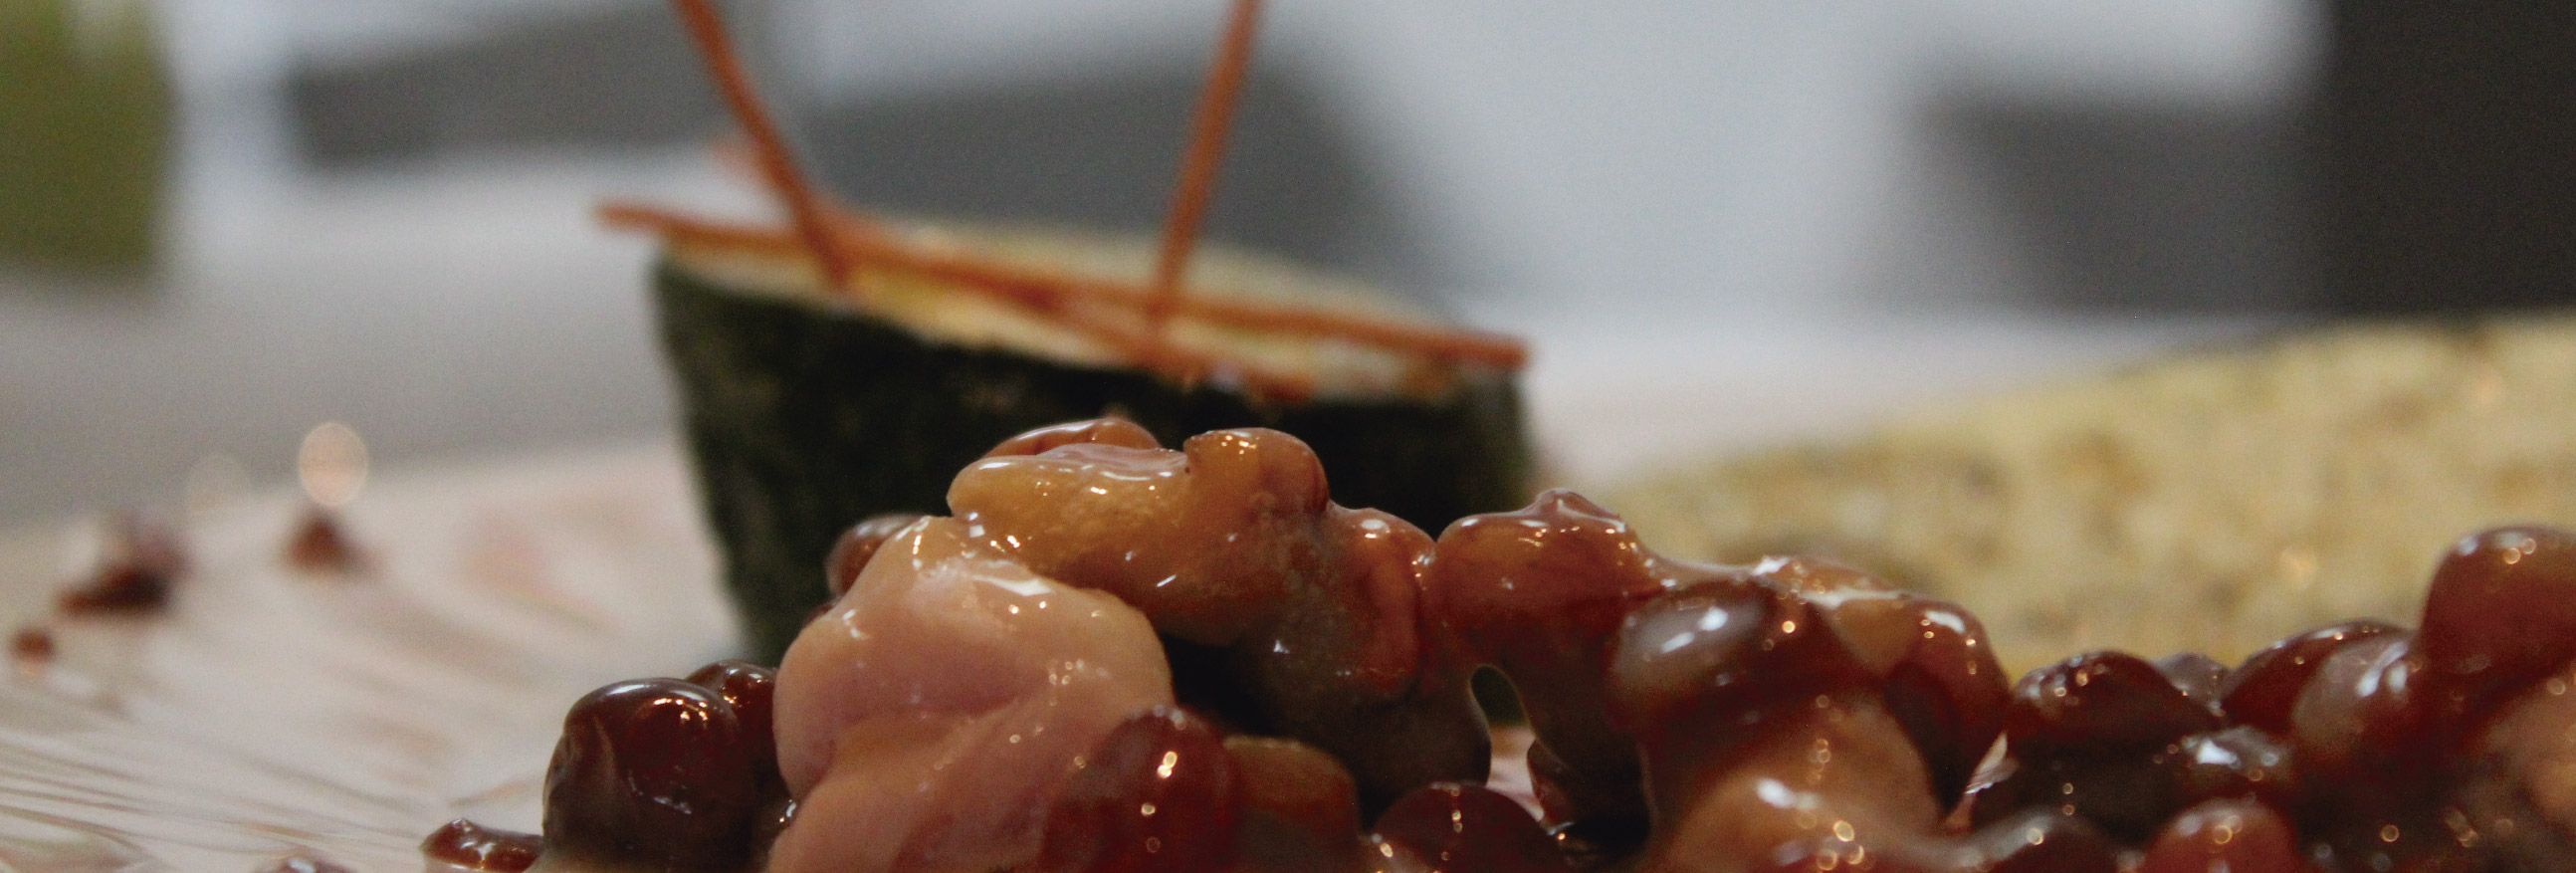 restaurant hostal la creu móra ebre ribera terres catalunya-01-01-01-01-01-01